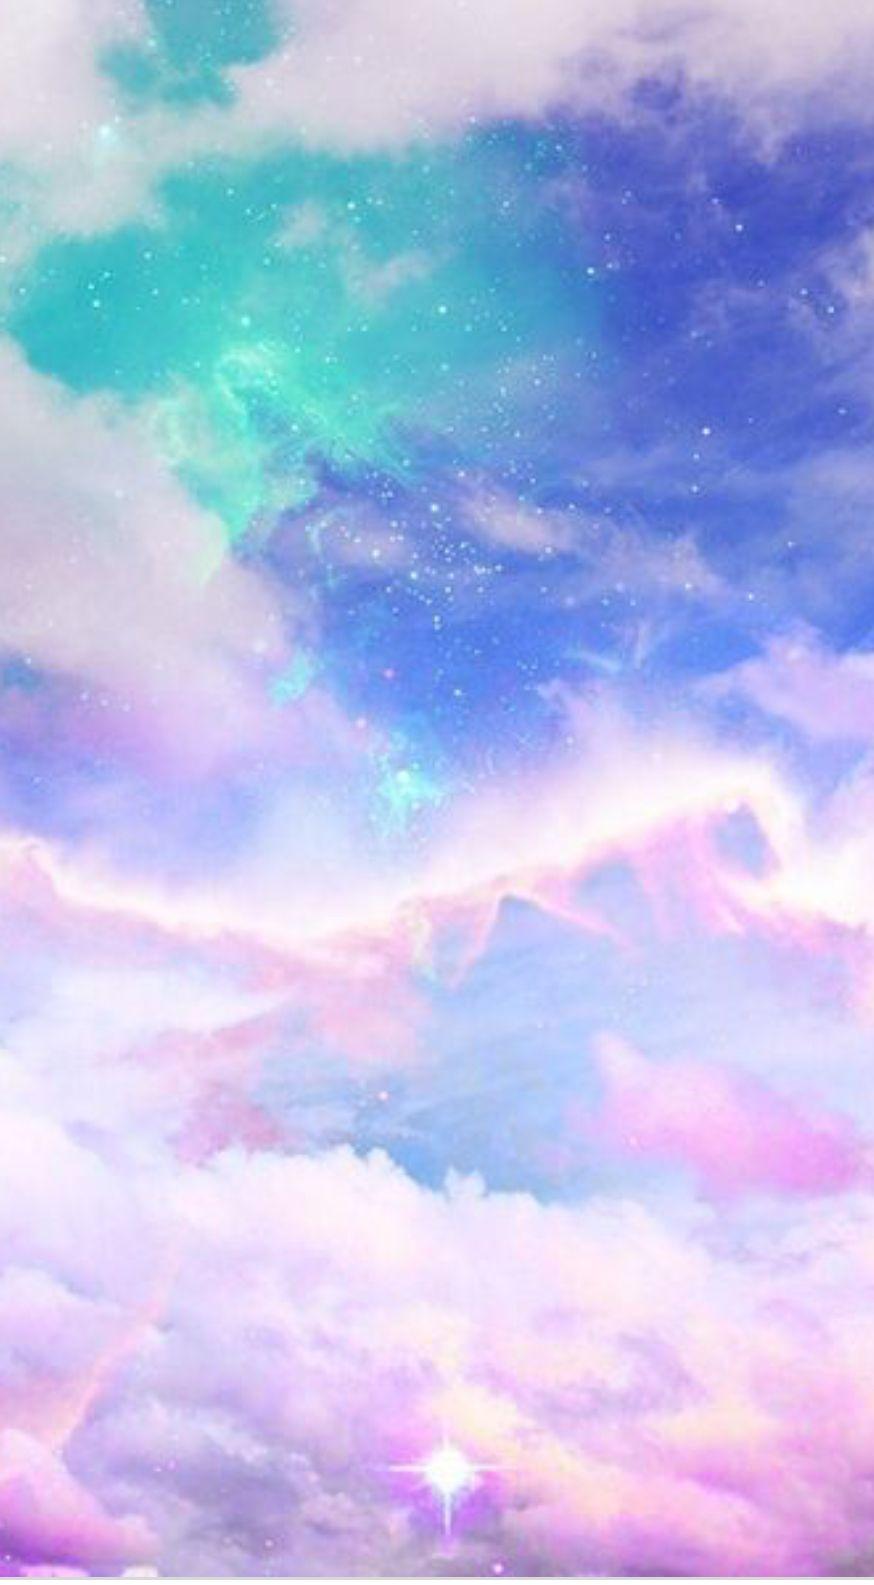 Best Wallpaper For Girls Clouds Wallpaper Iphone Galaxy Wallpaper Cloud Wallpaper